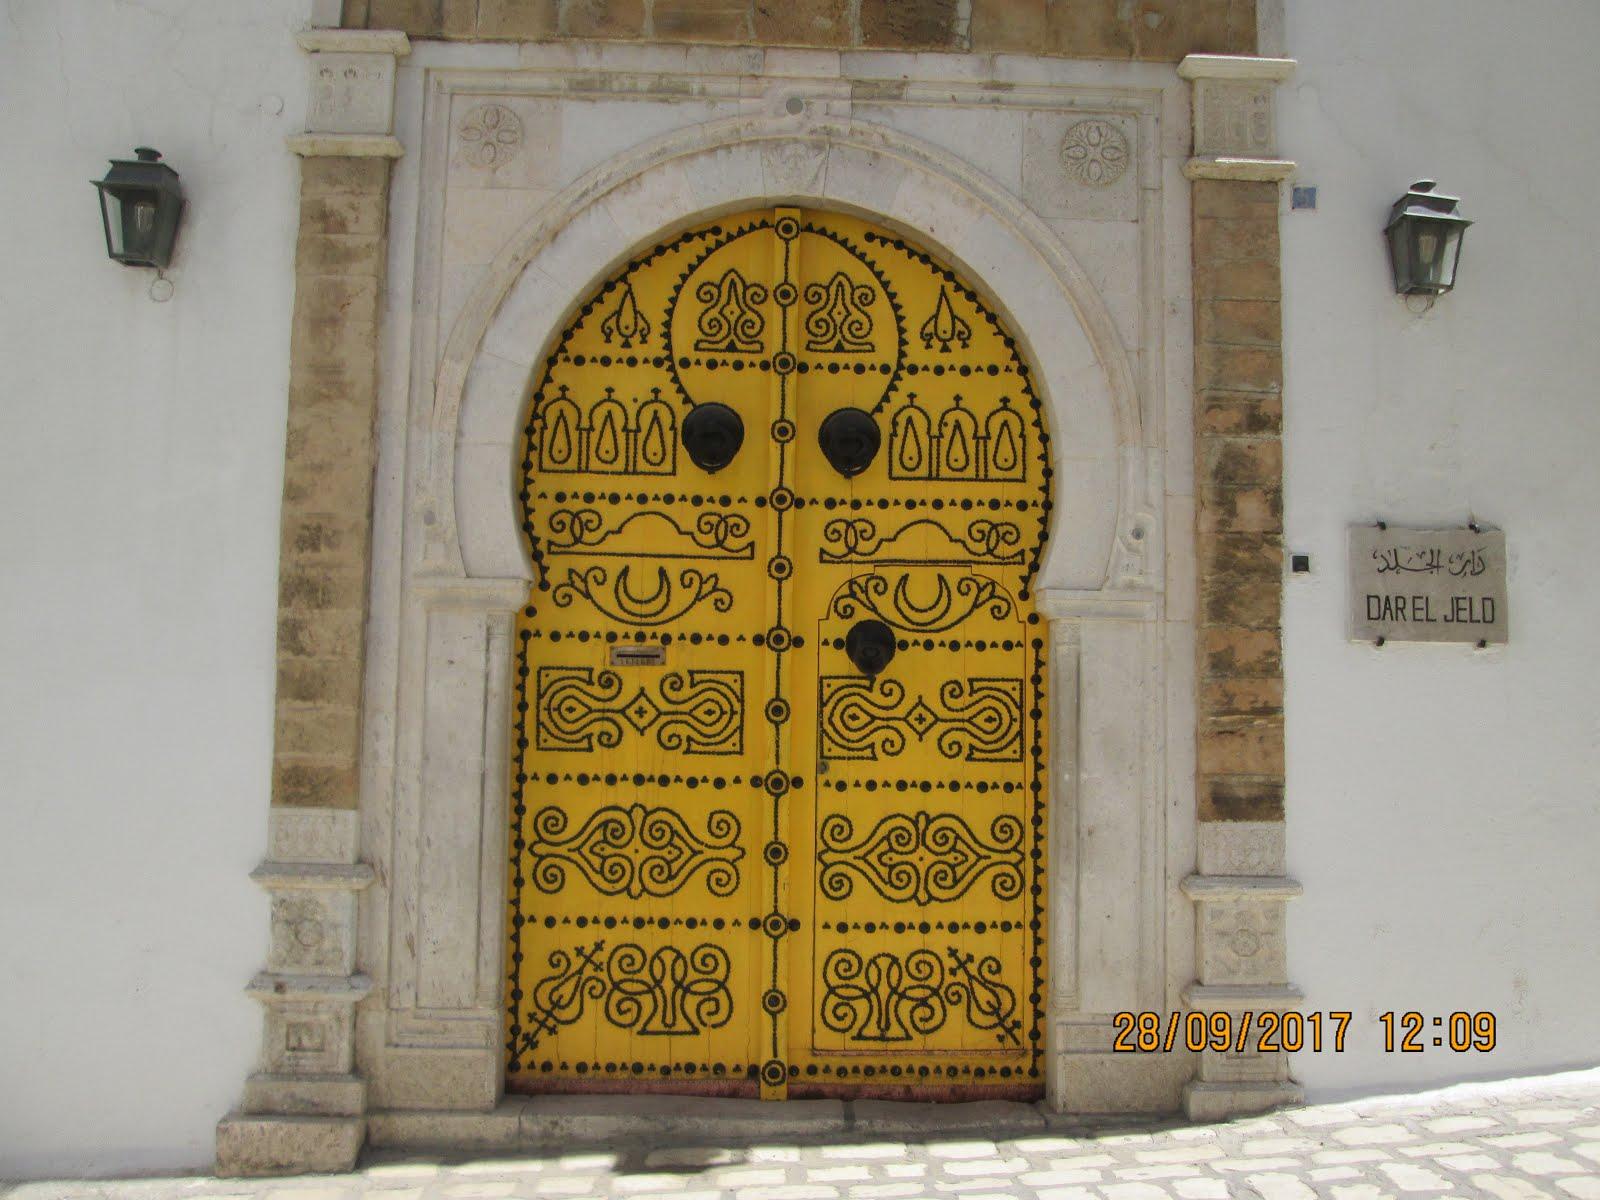 بابٌ أنيق: دار الجلد، مدينة تونس العتيقة.